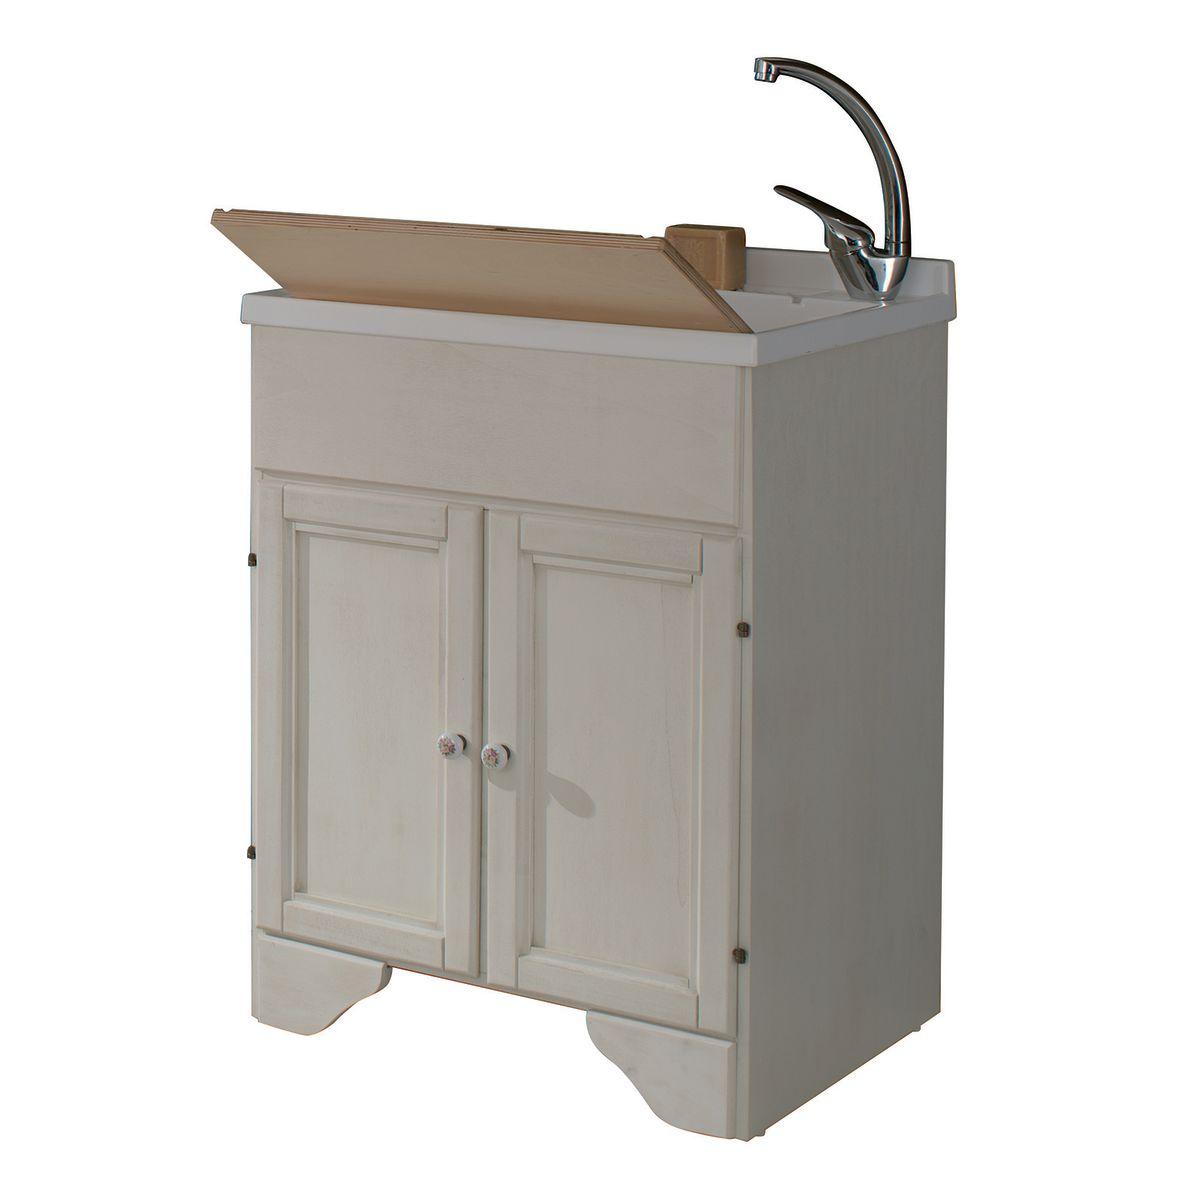 Mobile lavatoio bianco l 60 x p 50 x h 84 cm prezzi e for Tralicci leroy merlin